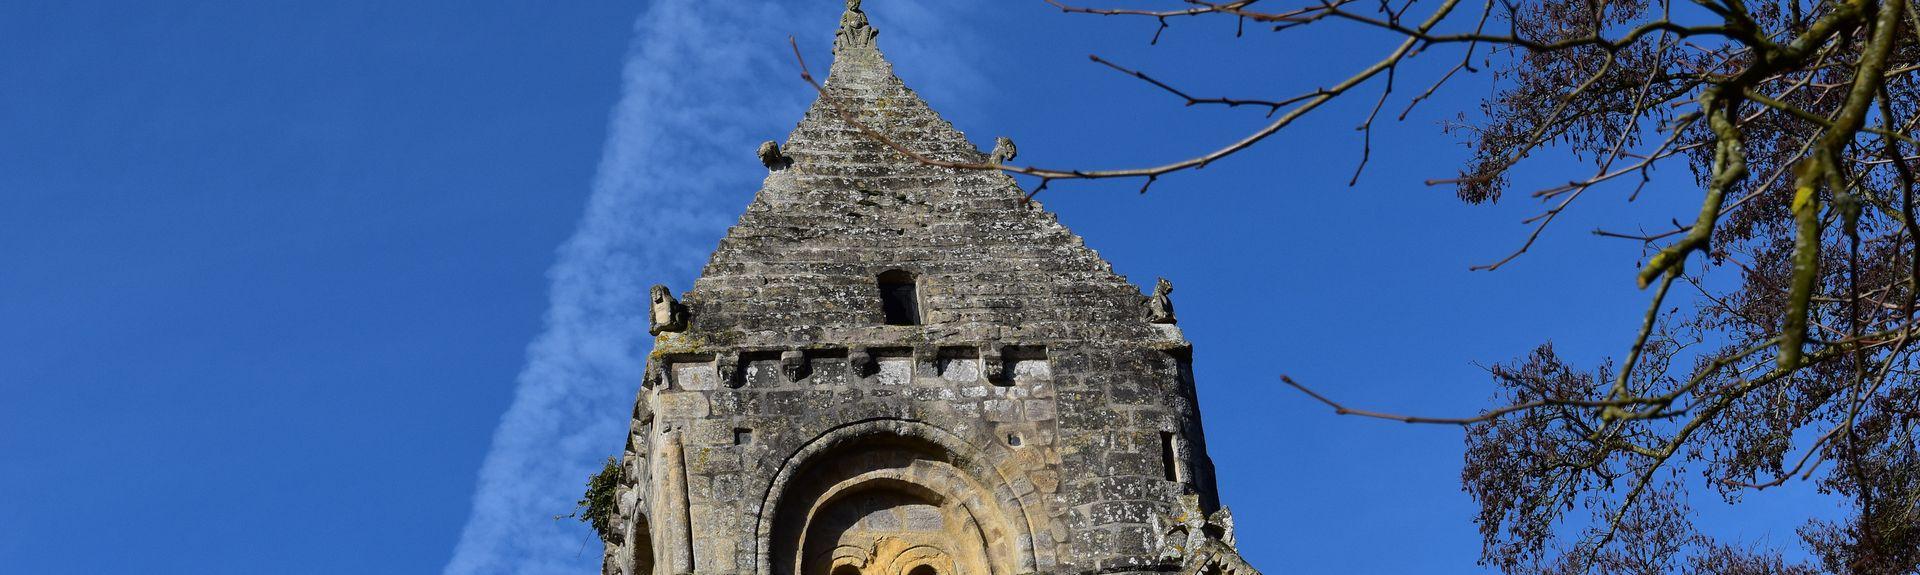 Cormelles-le-Royal, France